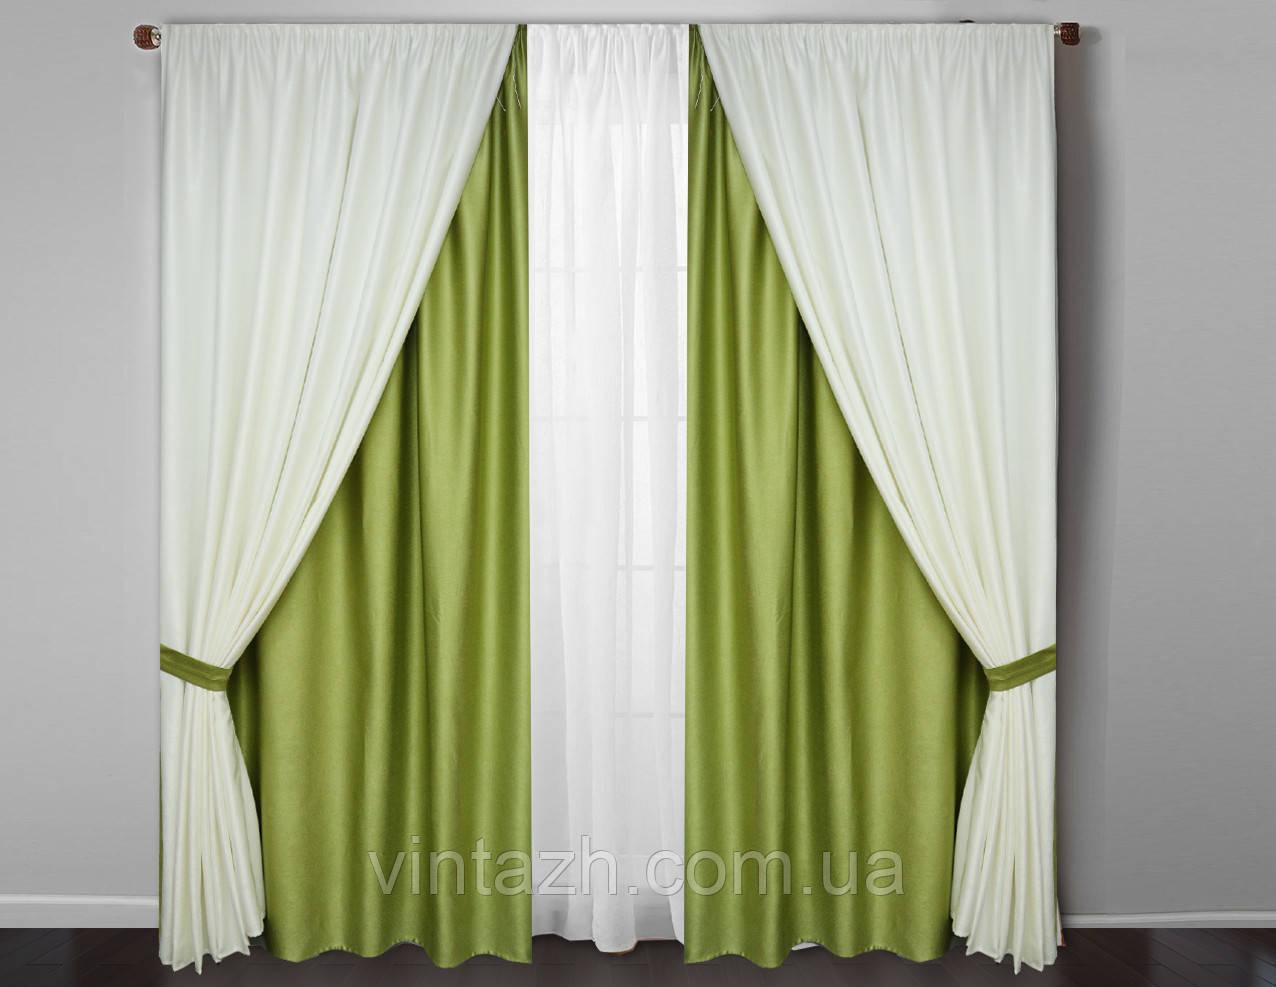 Богатые шторы  с тюлем в Украине